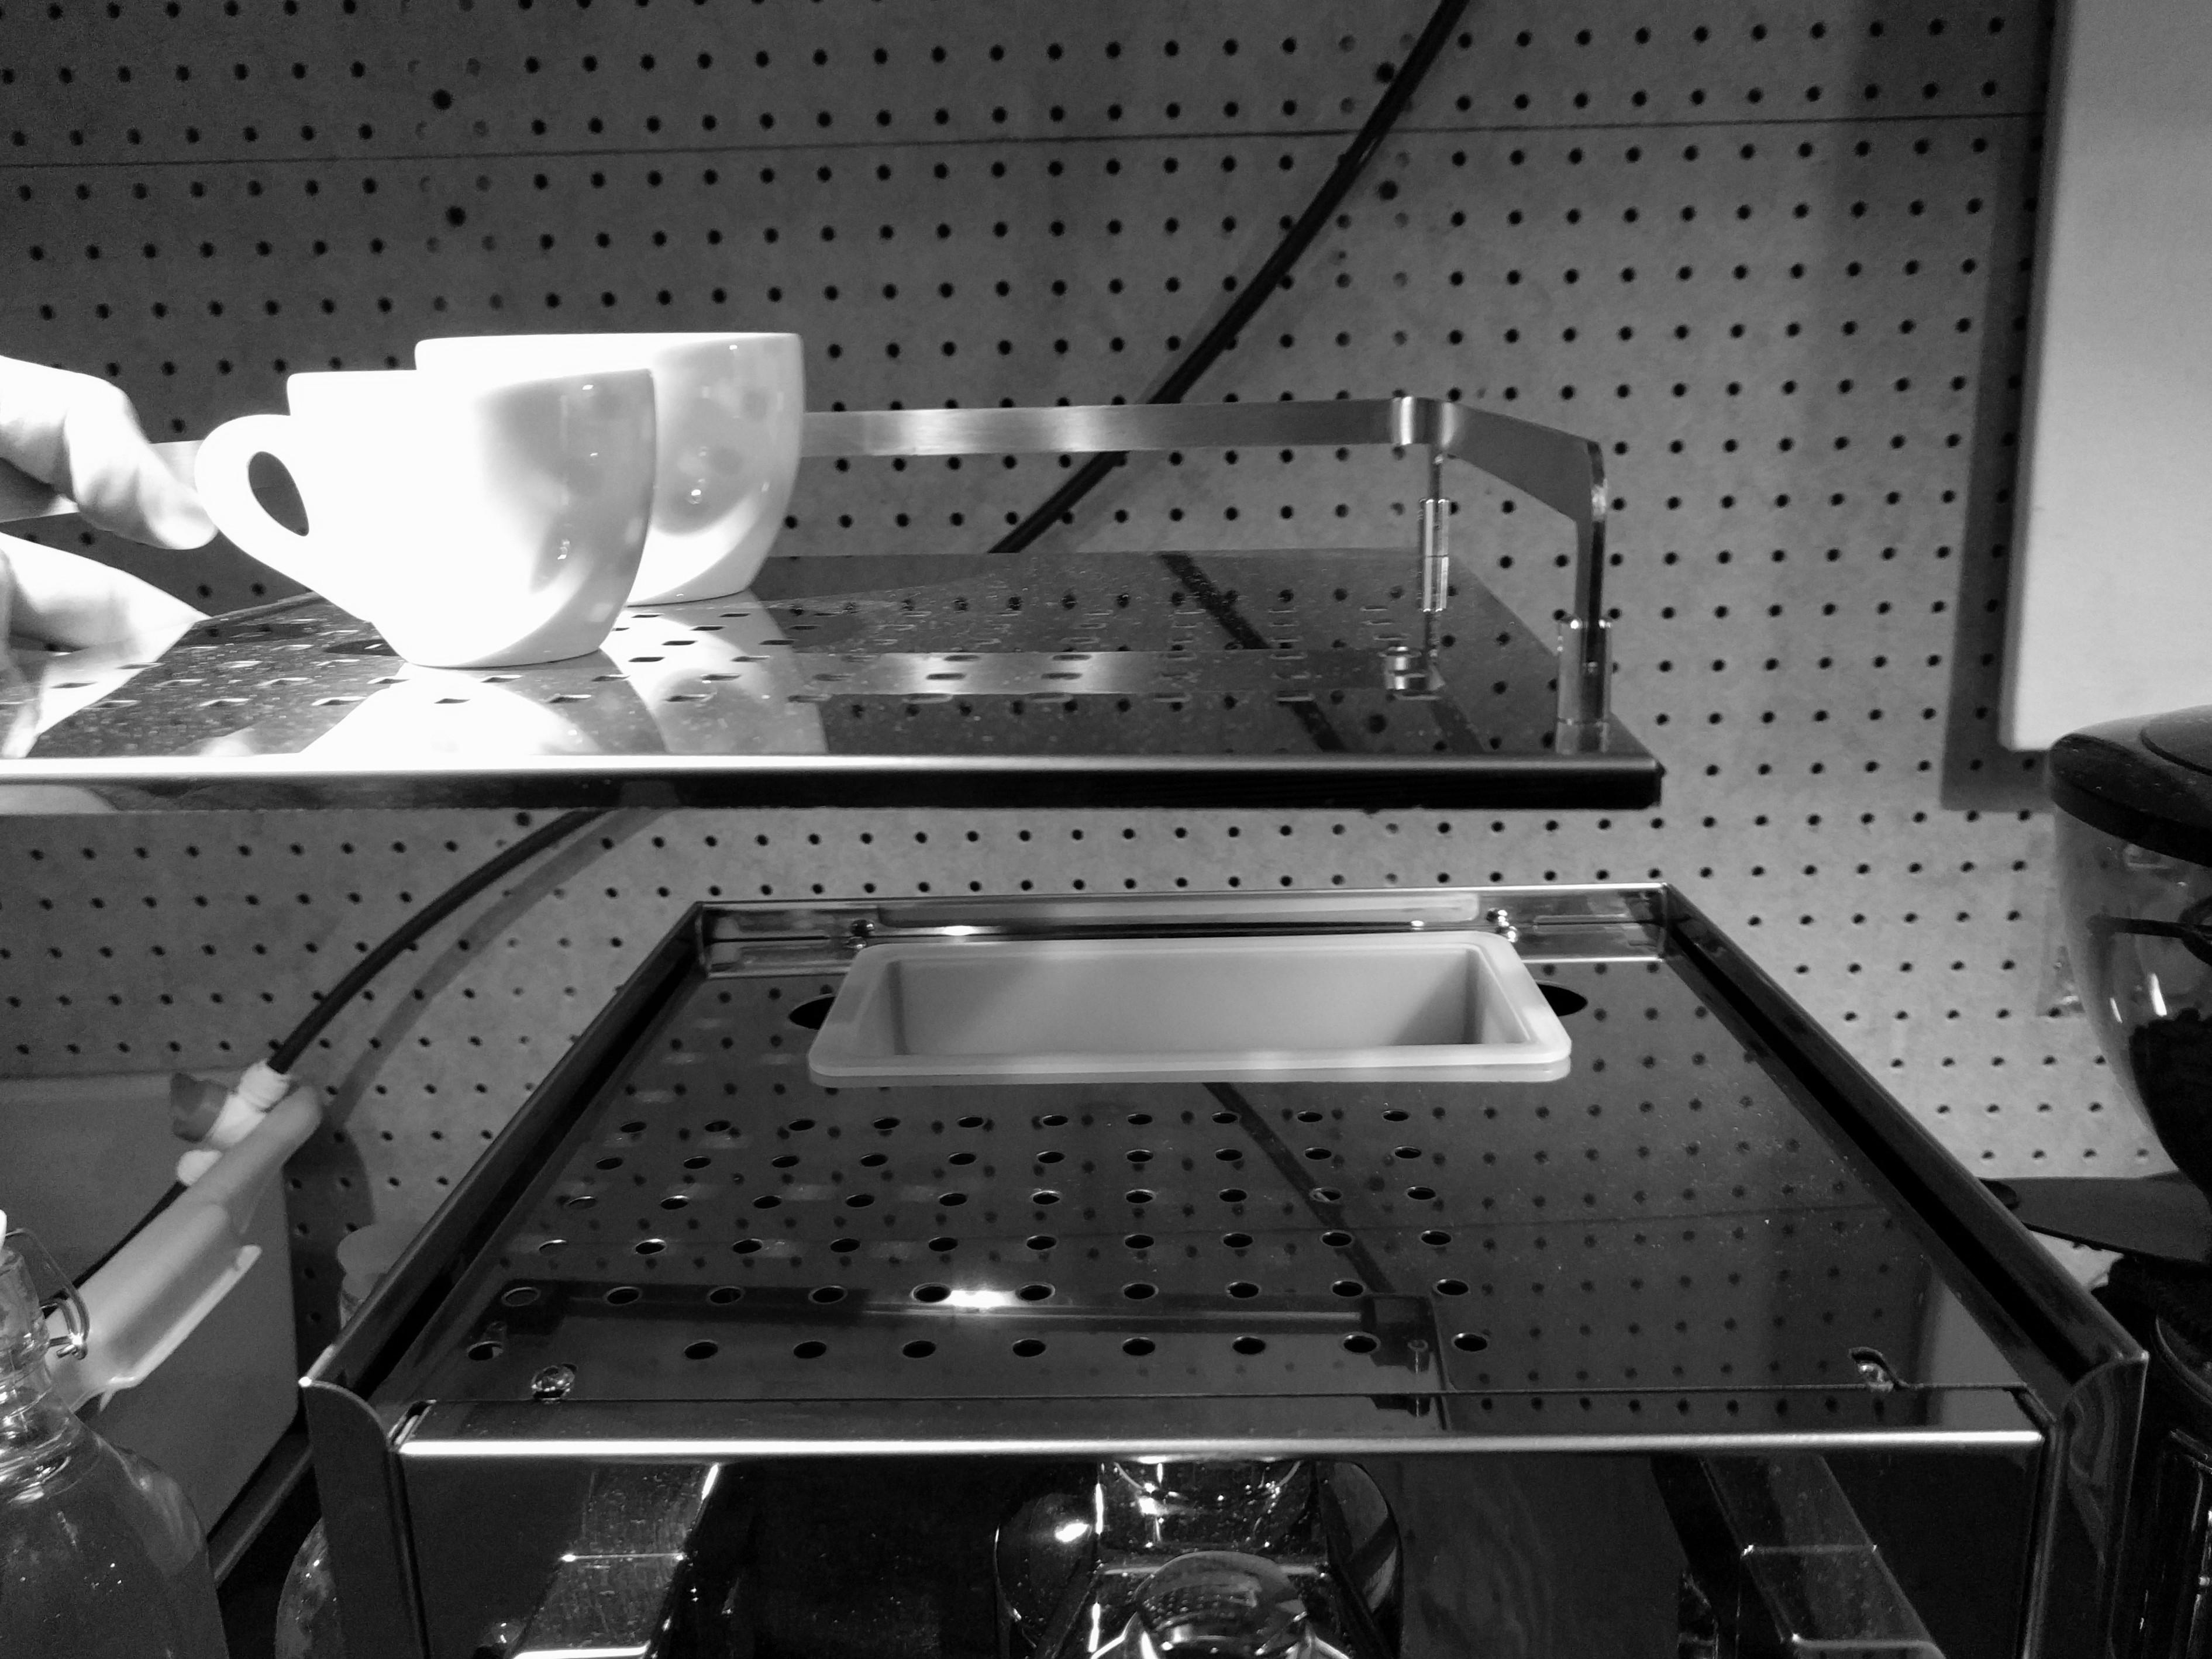 Profitec Pro 500 espresso machine: User Manual